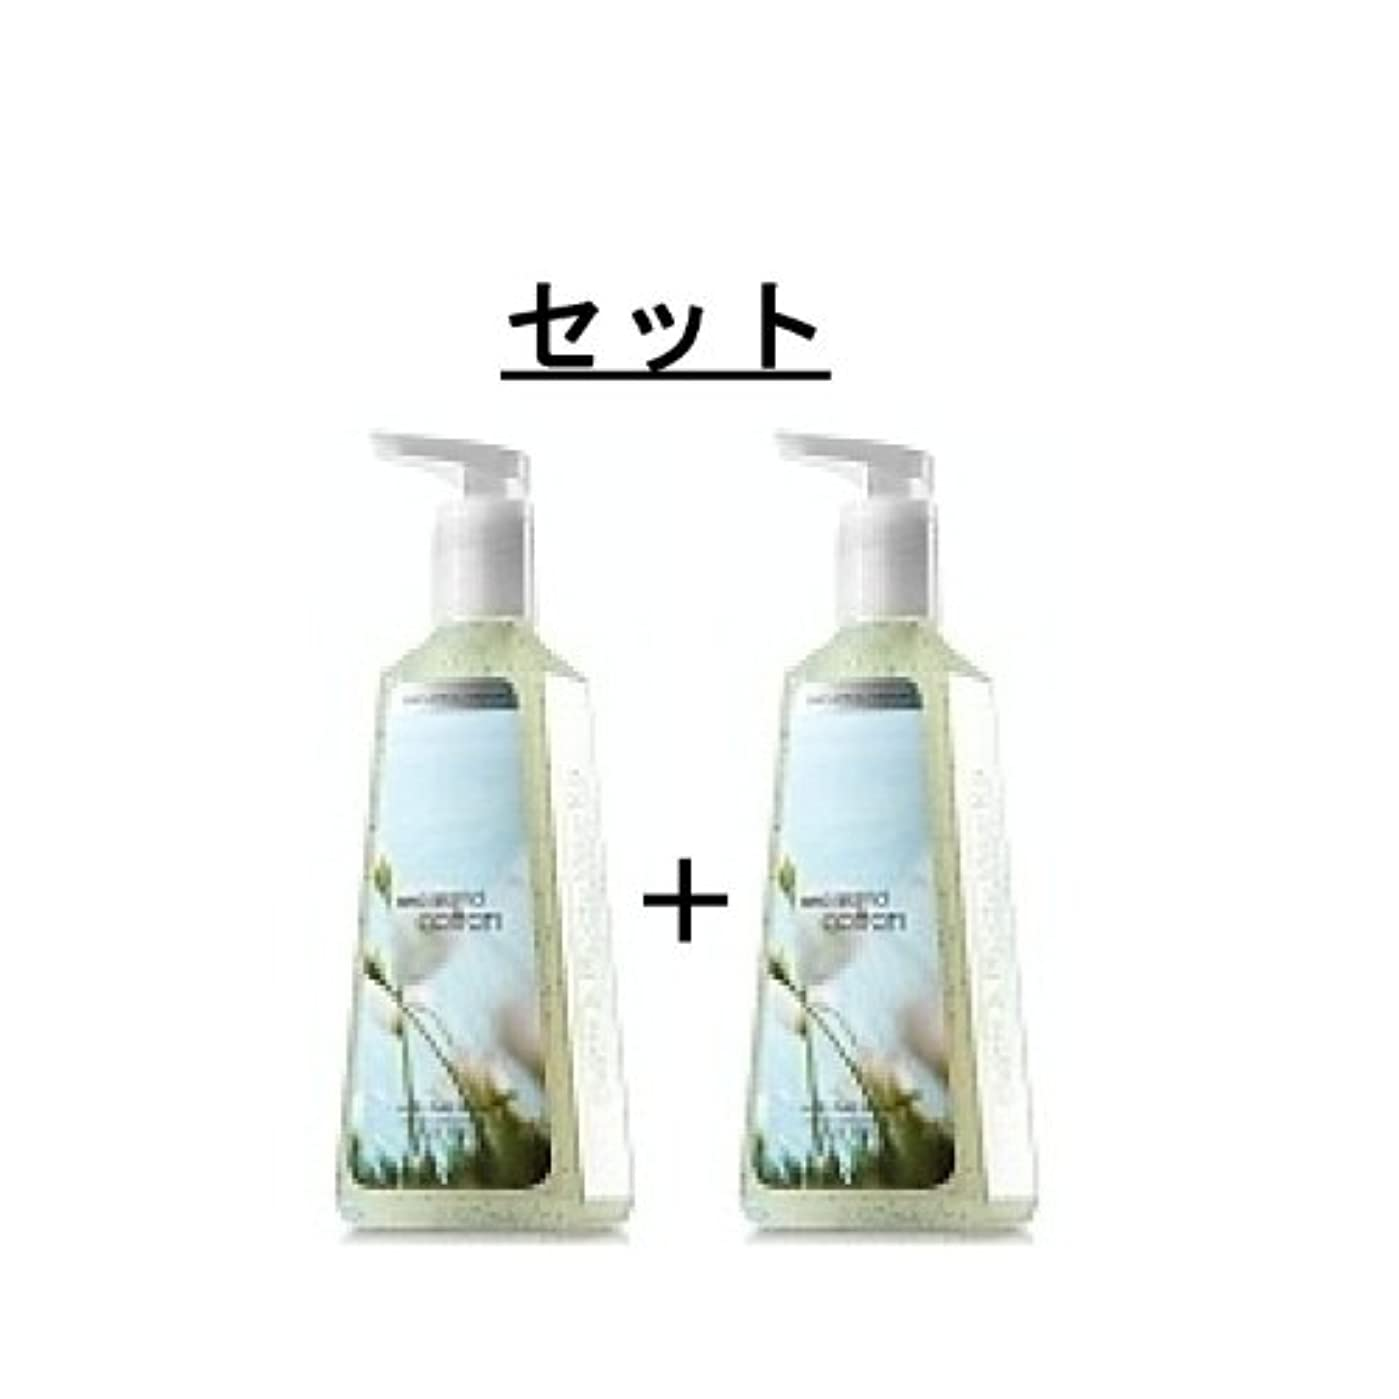 法令擬人化教育学Bath & Body Works Sea Island Cotton Antibacterial Deep Cleansing Hand Soap Set of 2 シーアイランドコットン【並行輸入品】